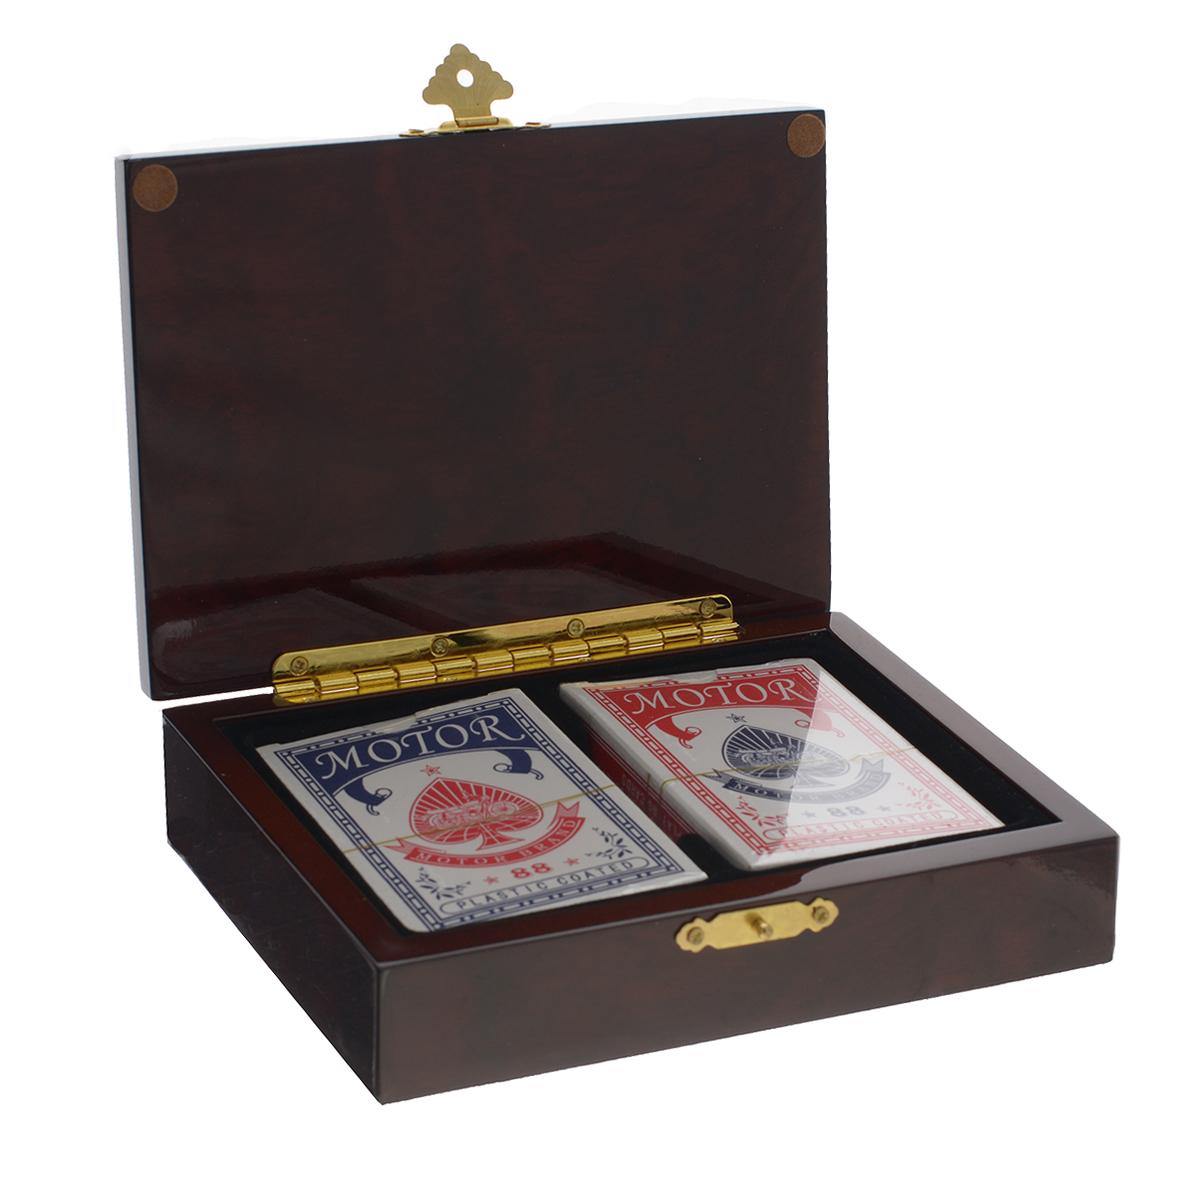 Подарочный набор Русские Подарки Покер, размер: 17*12*4 см. 4452644526Компактный игровой набор включает в себя две колоды пластиковых карт. Карты прекрасно подойдут для профессиональных игроков в покер и другие карточные игры, так как имеют очень гладкую поверхность, высококачественное покрытие и стандартный покерный размер. Предметы набора упакованы в деревянную шкатулку с лаковой поверхностью. Такой набор послужит оригинальным подарком для любителей карточных игр.